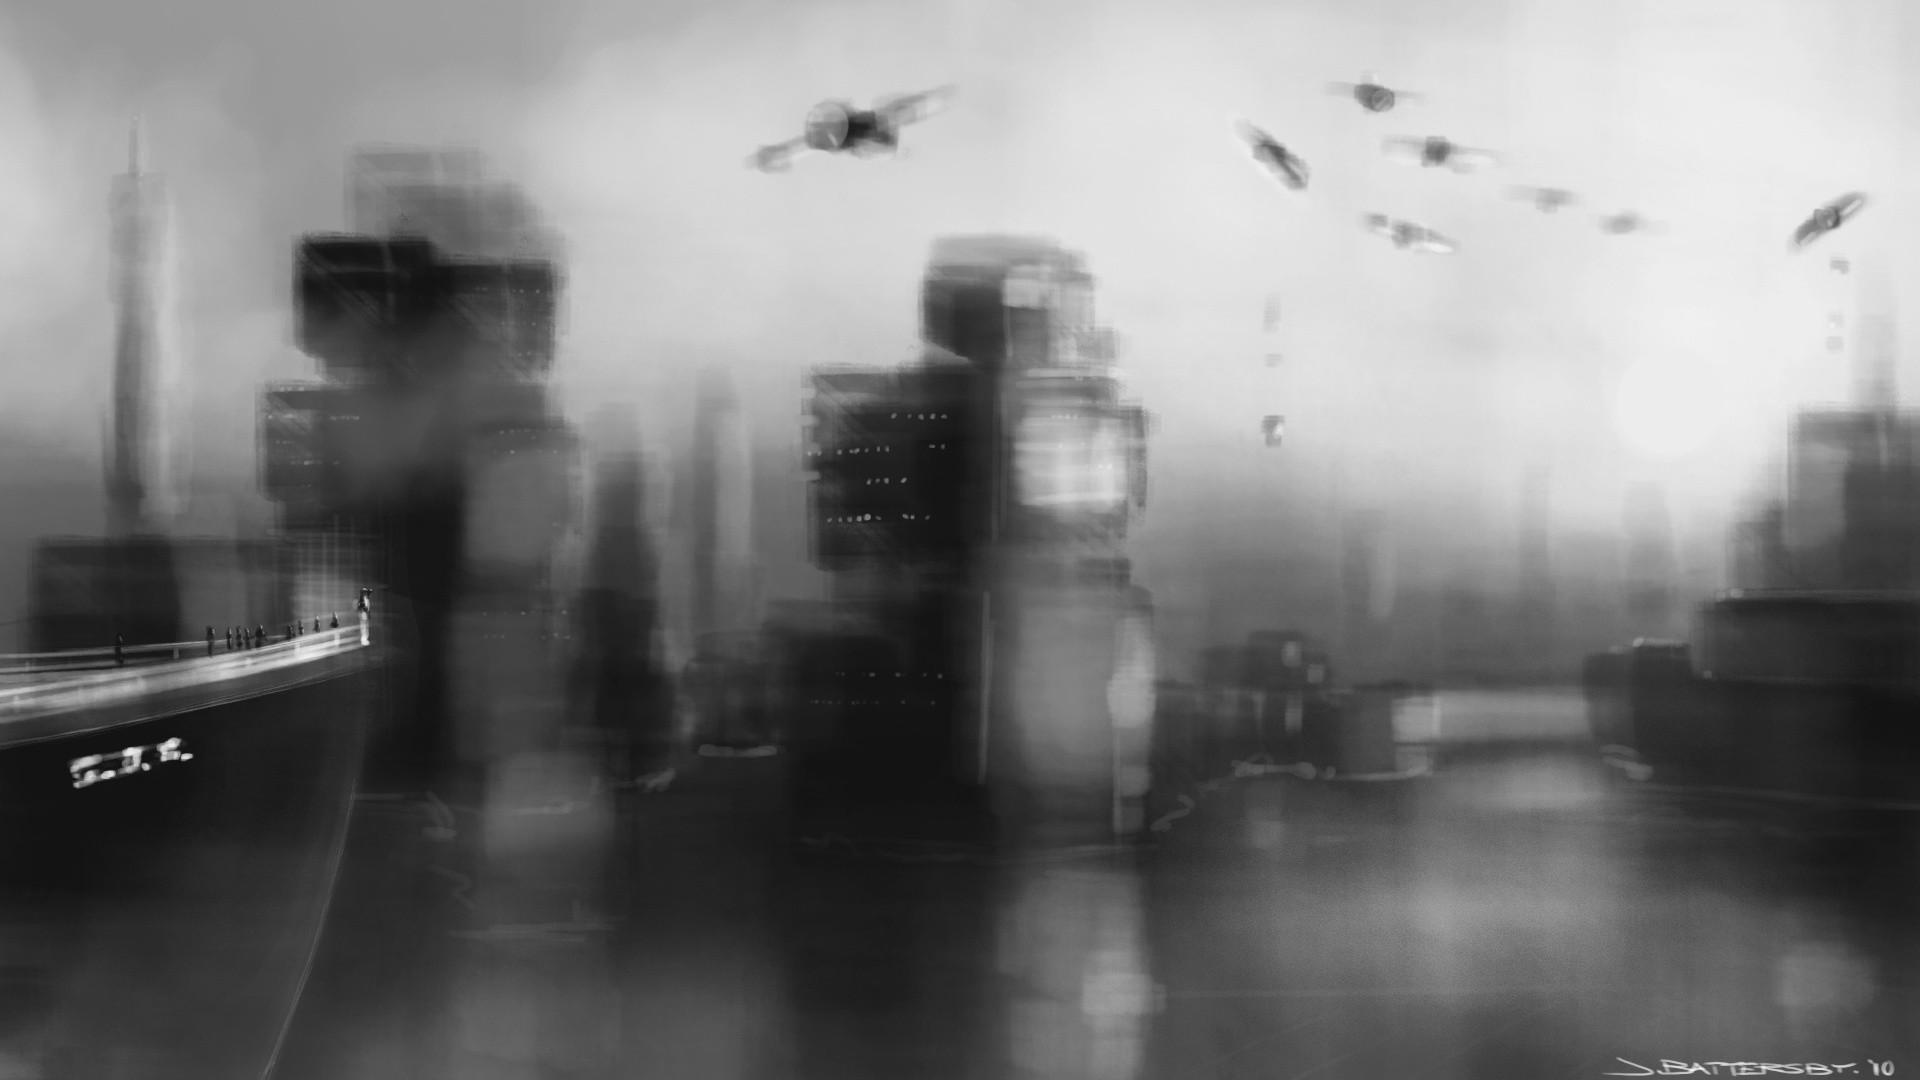 sfondi tumblr bianco e nero 62 immagini